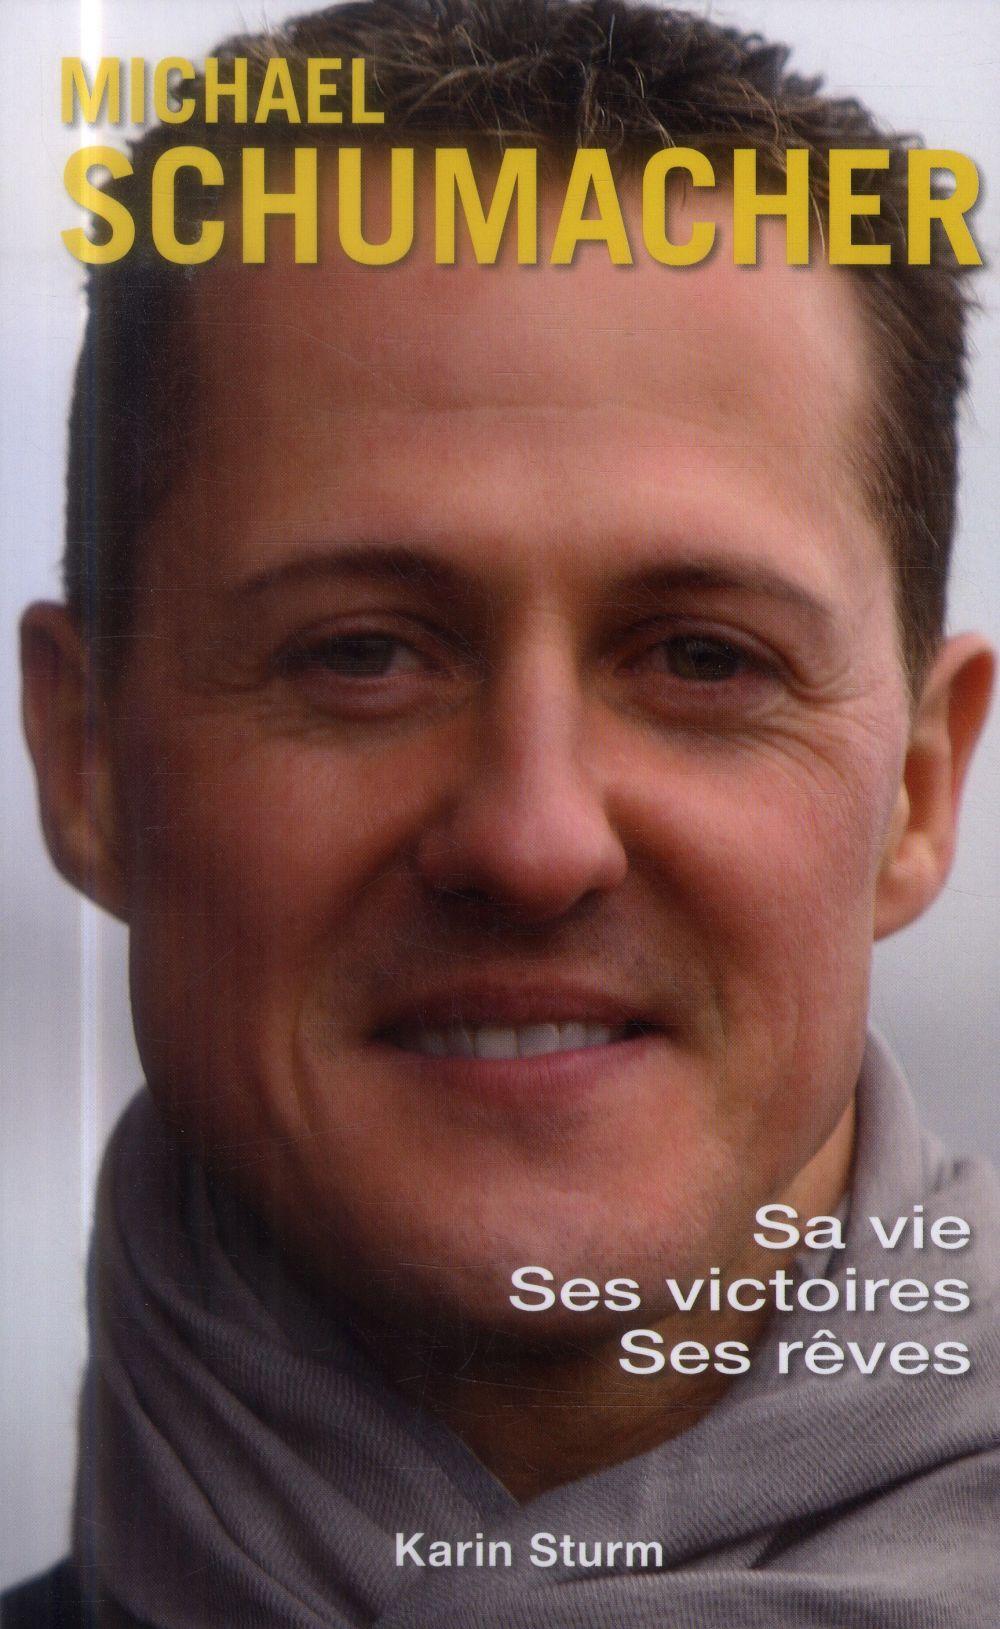 MICHAEL SCHUMACHER SA VIE SES VICTOIRES SES REVES